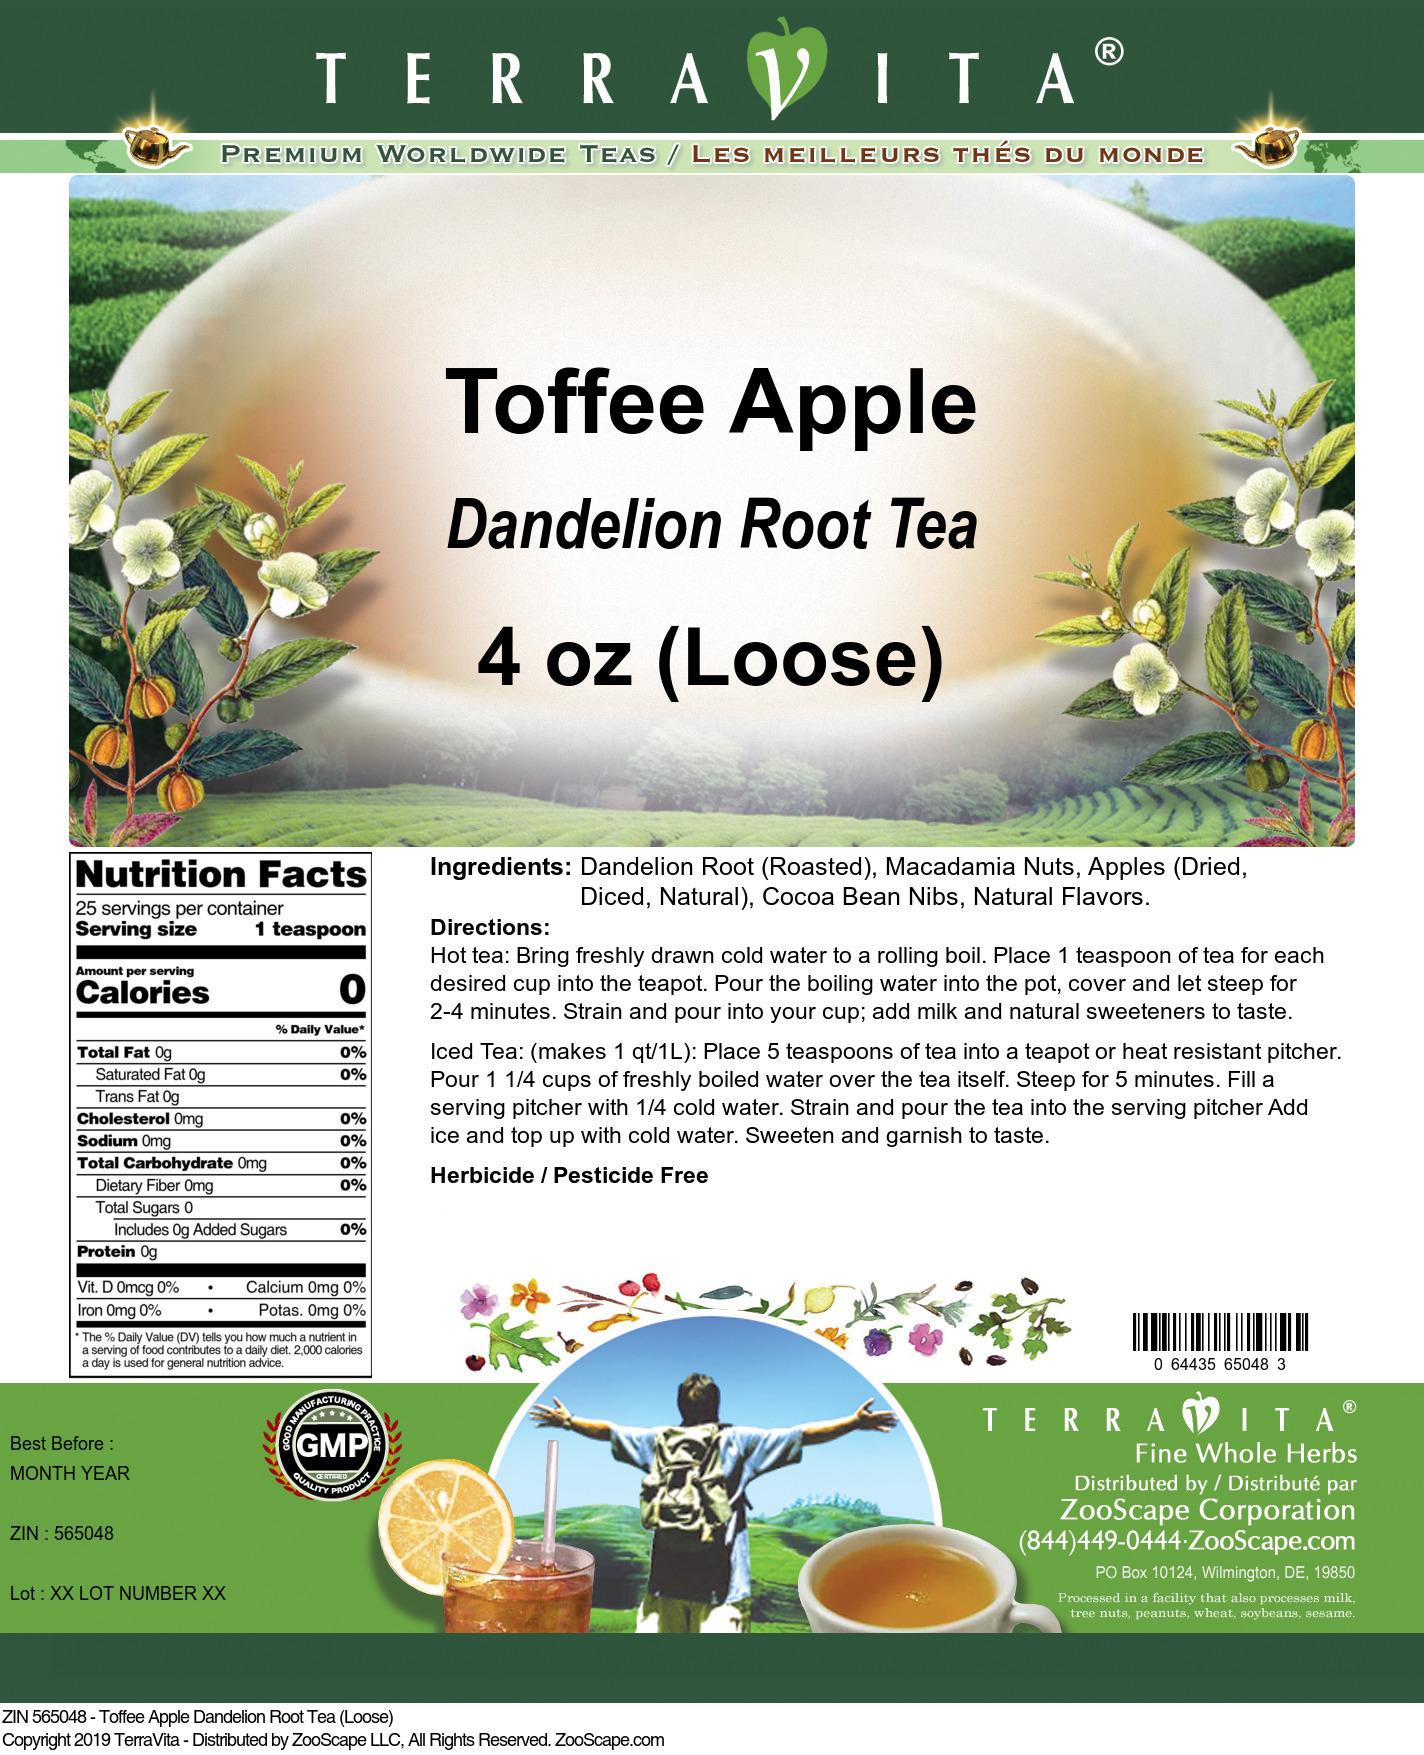 Toffee Apple Dandelion Root